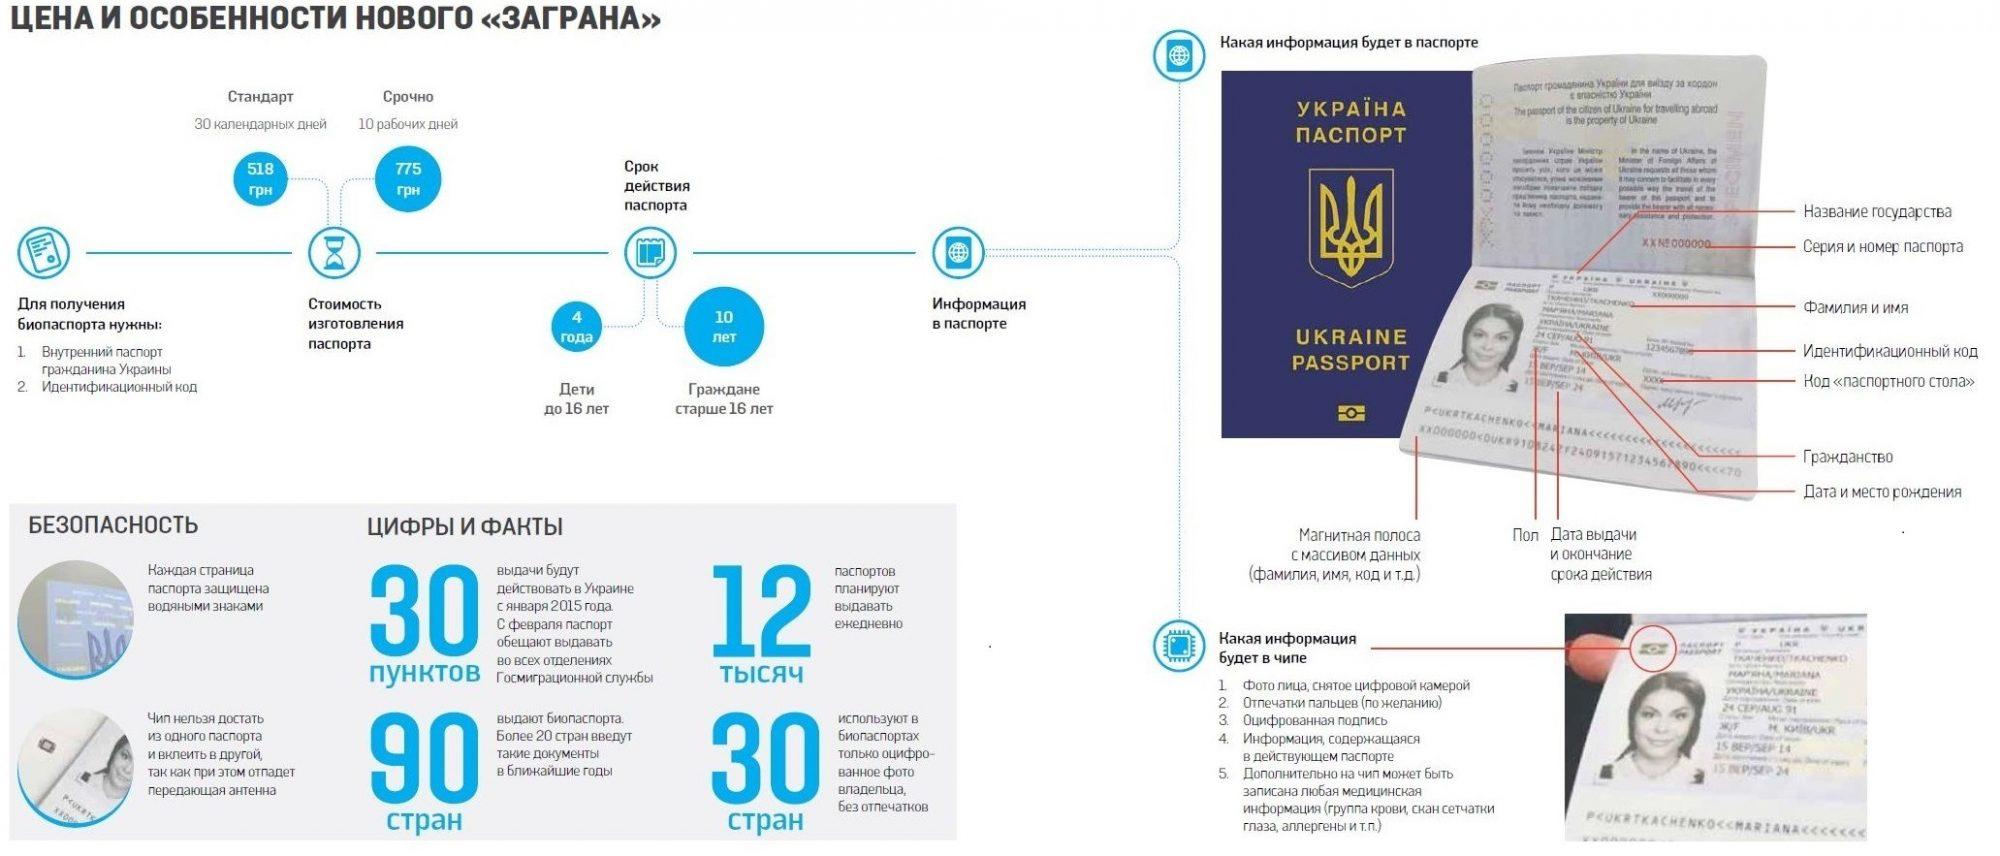 Биометрические паспорта как сделать на украине 581